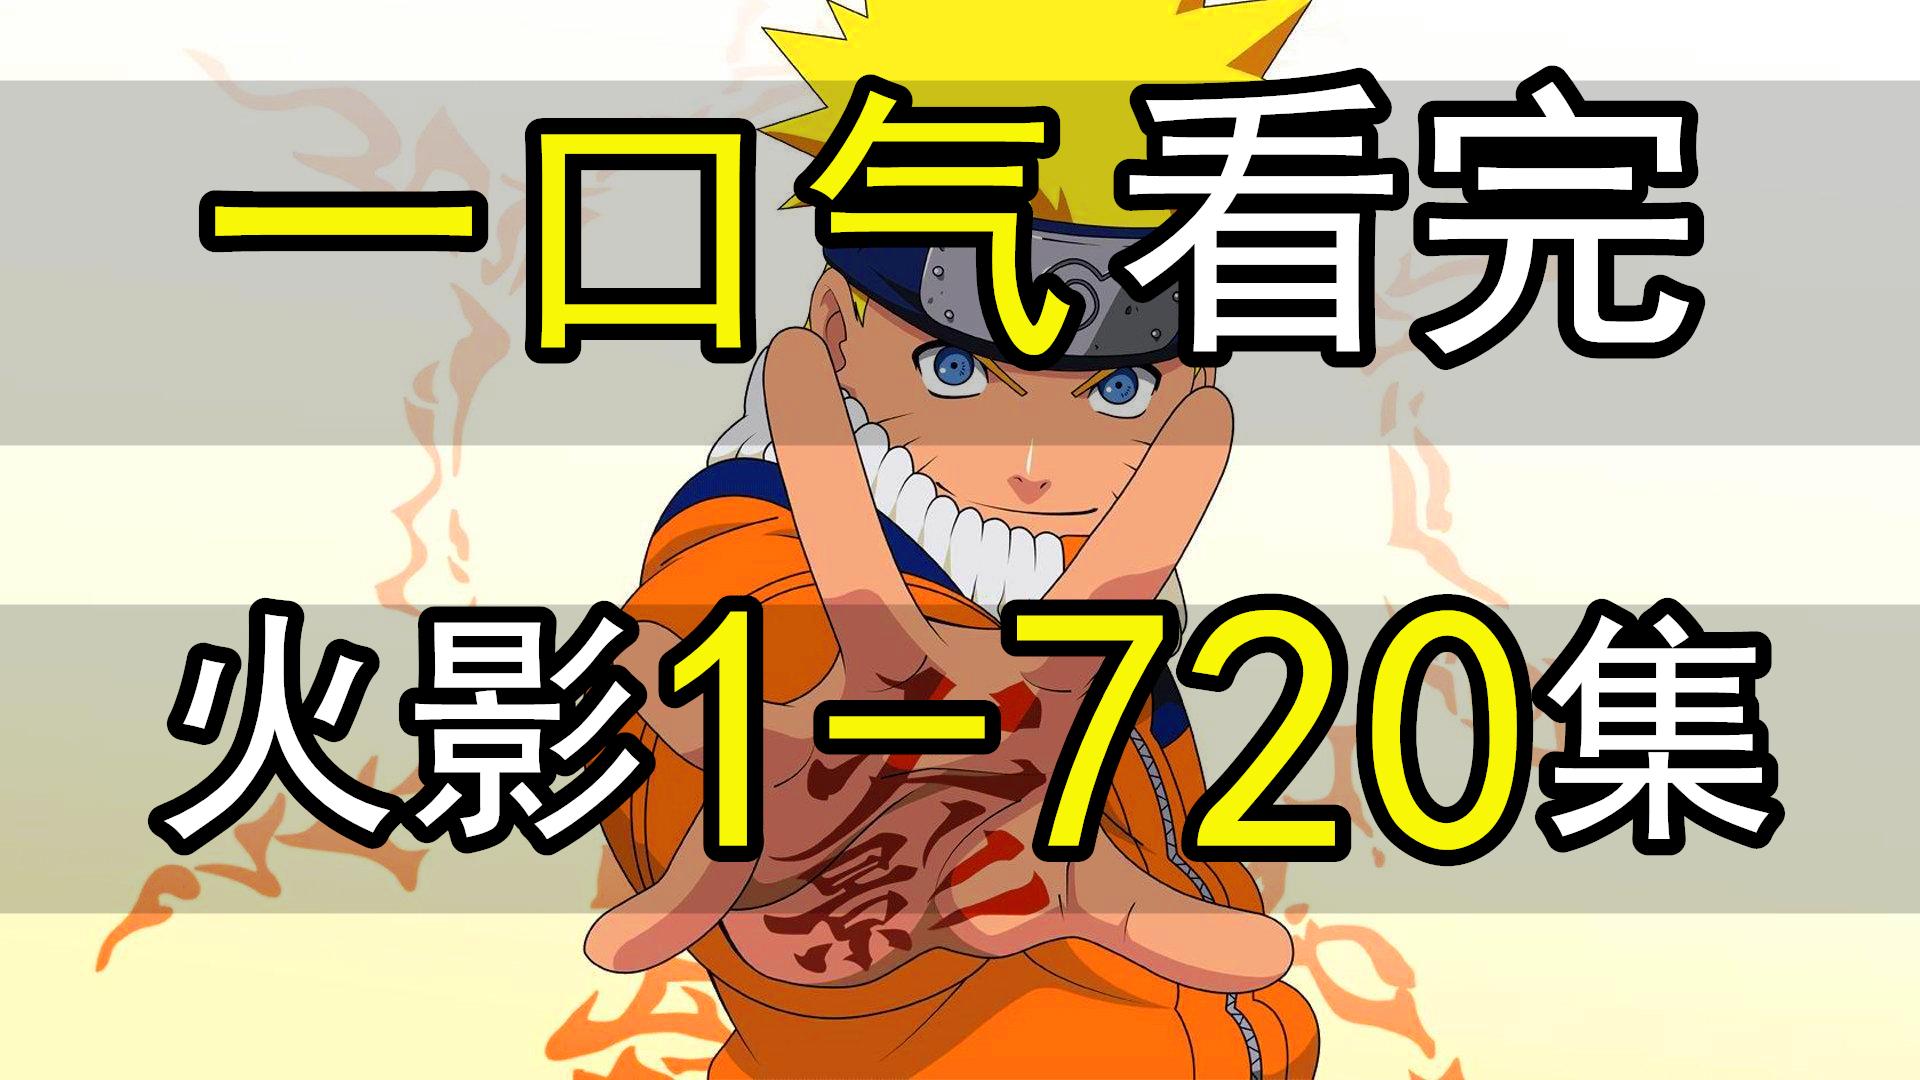 【火影忍者】1-720集!一口气看完,爆肝之作!